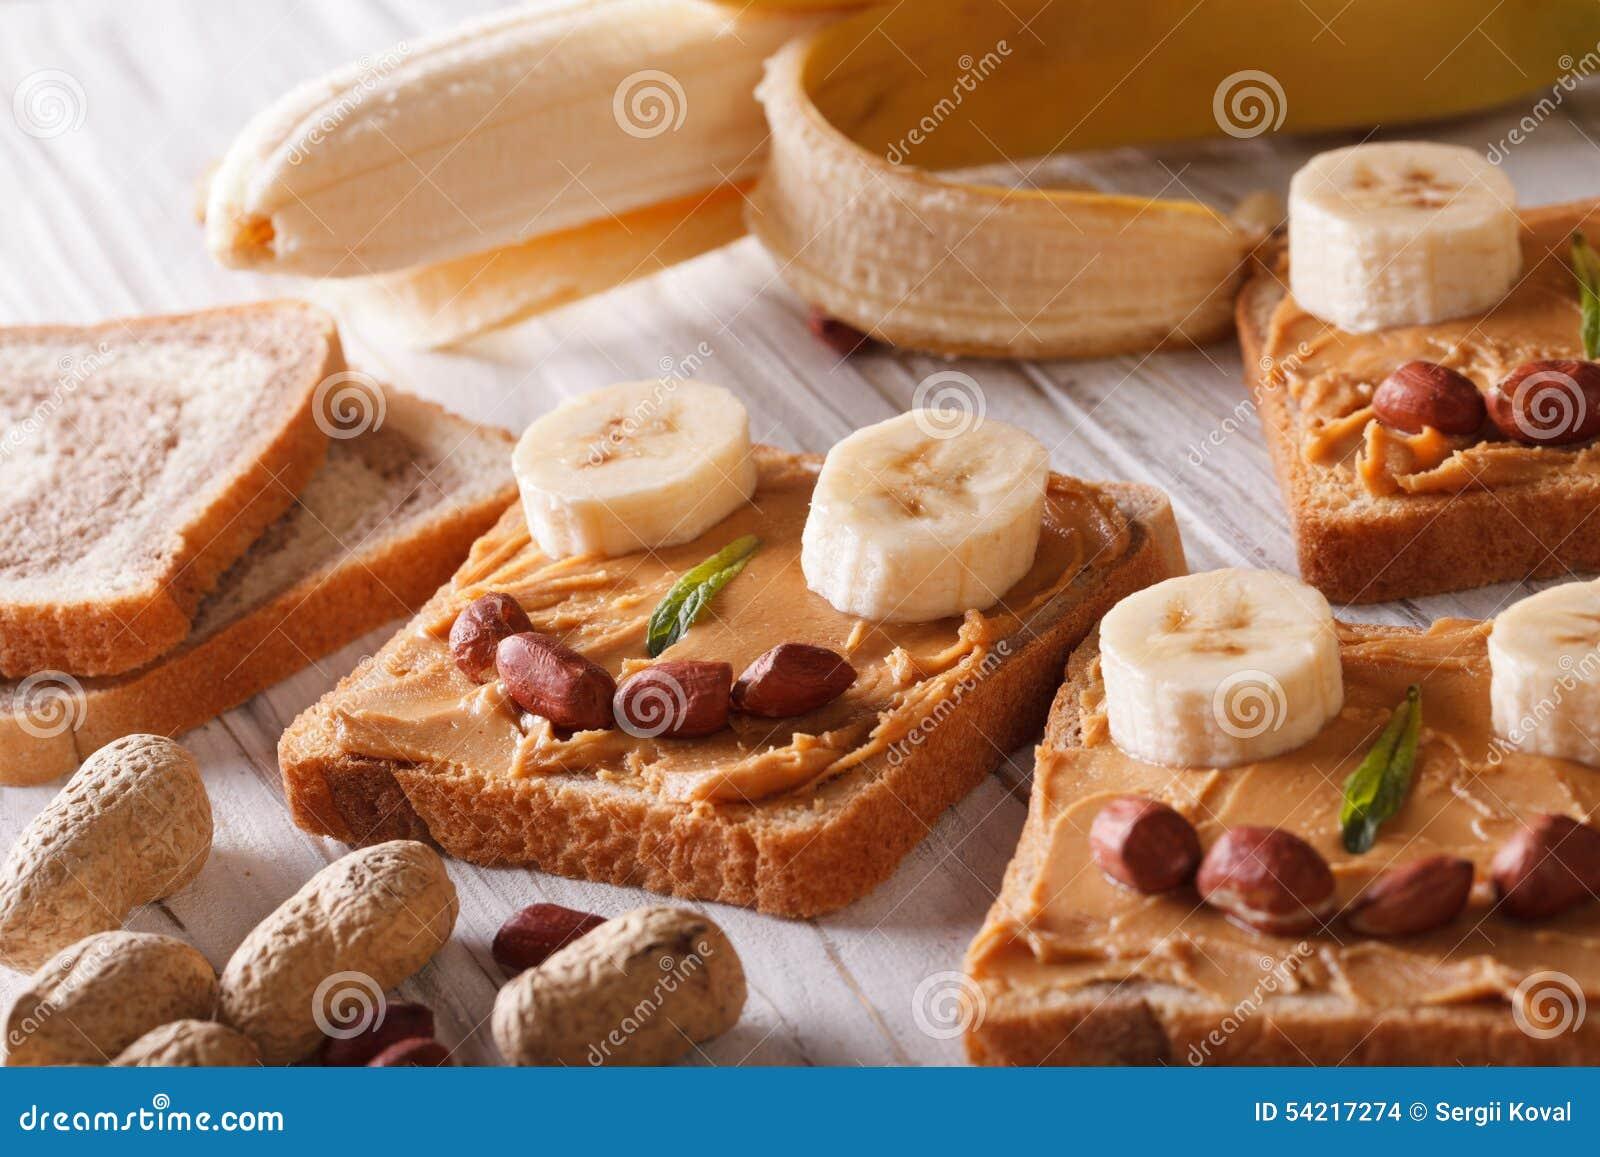 Lustige Sandwiche Mit Der Erdnussbutter Und Banane Horizontal